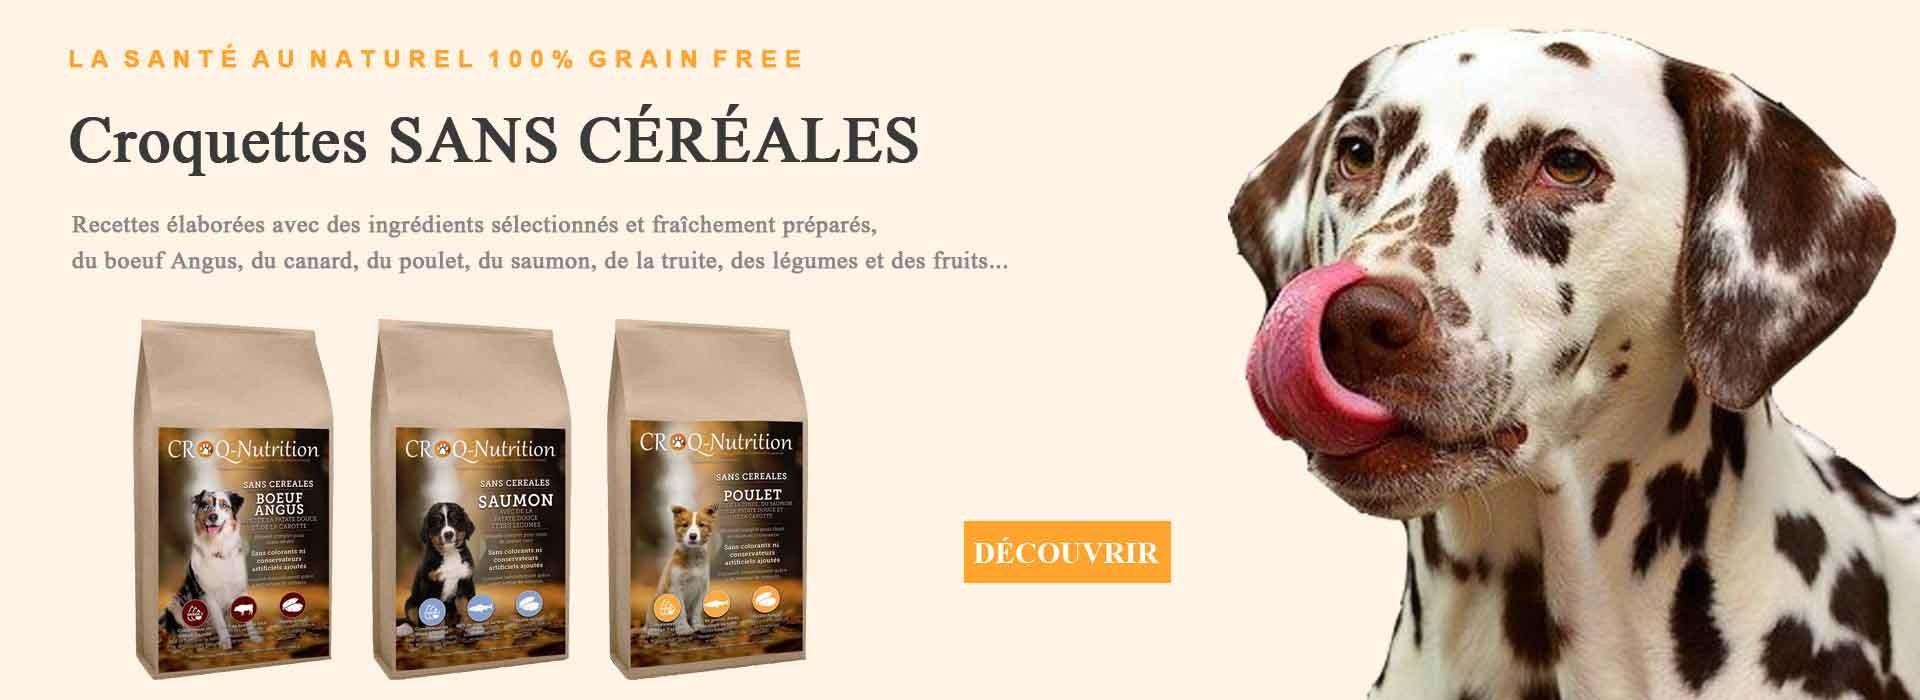 Croquettes pour chien sans céréales boeuf canard poulet fruits légumes